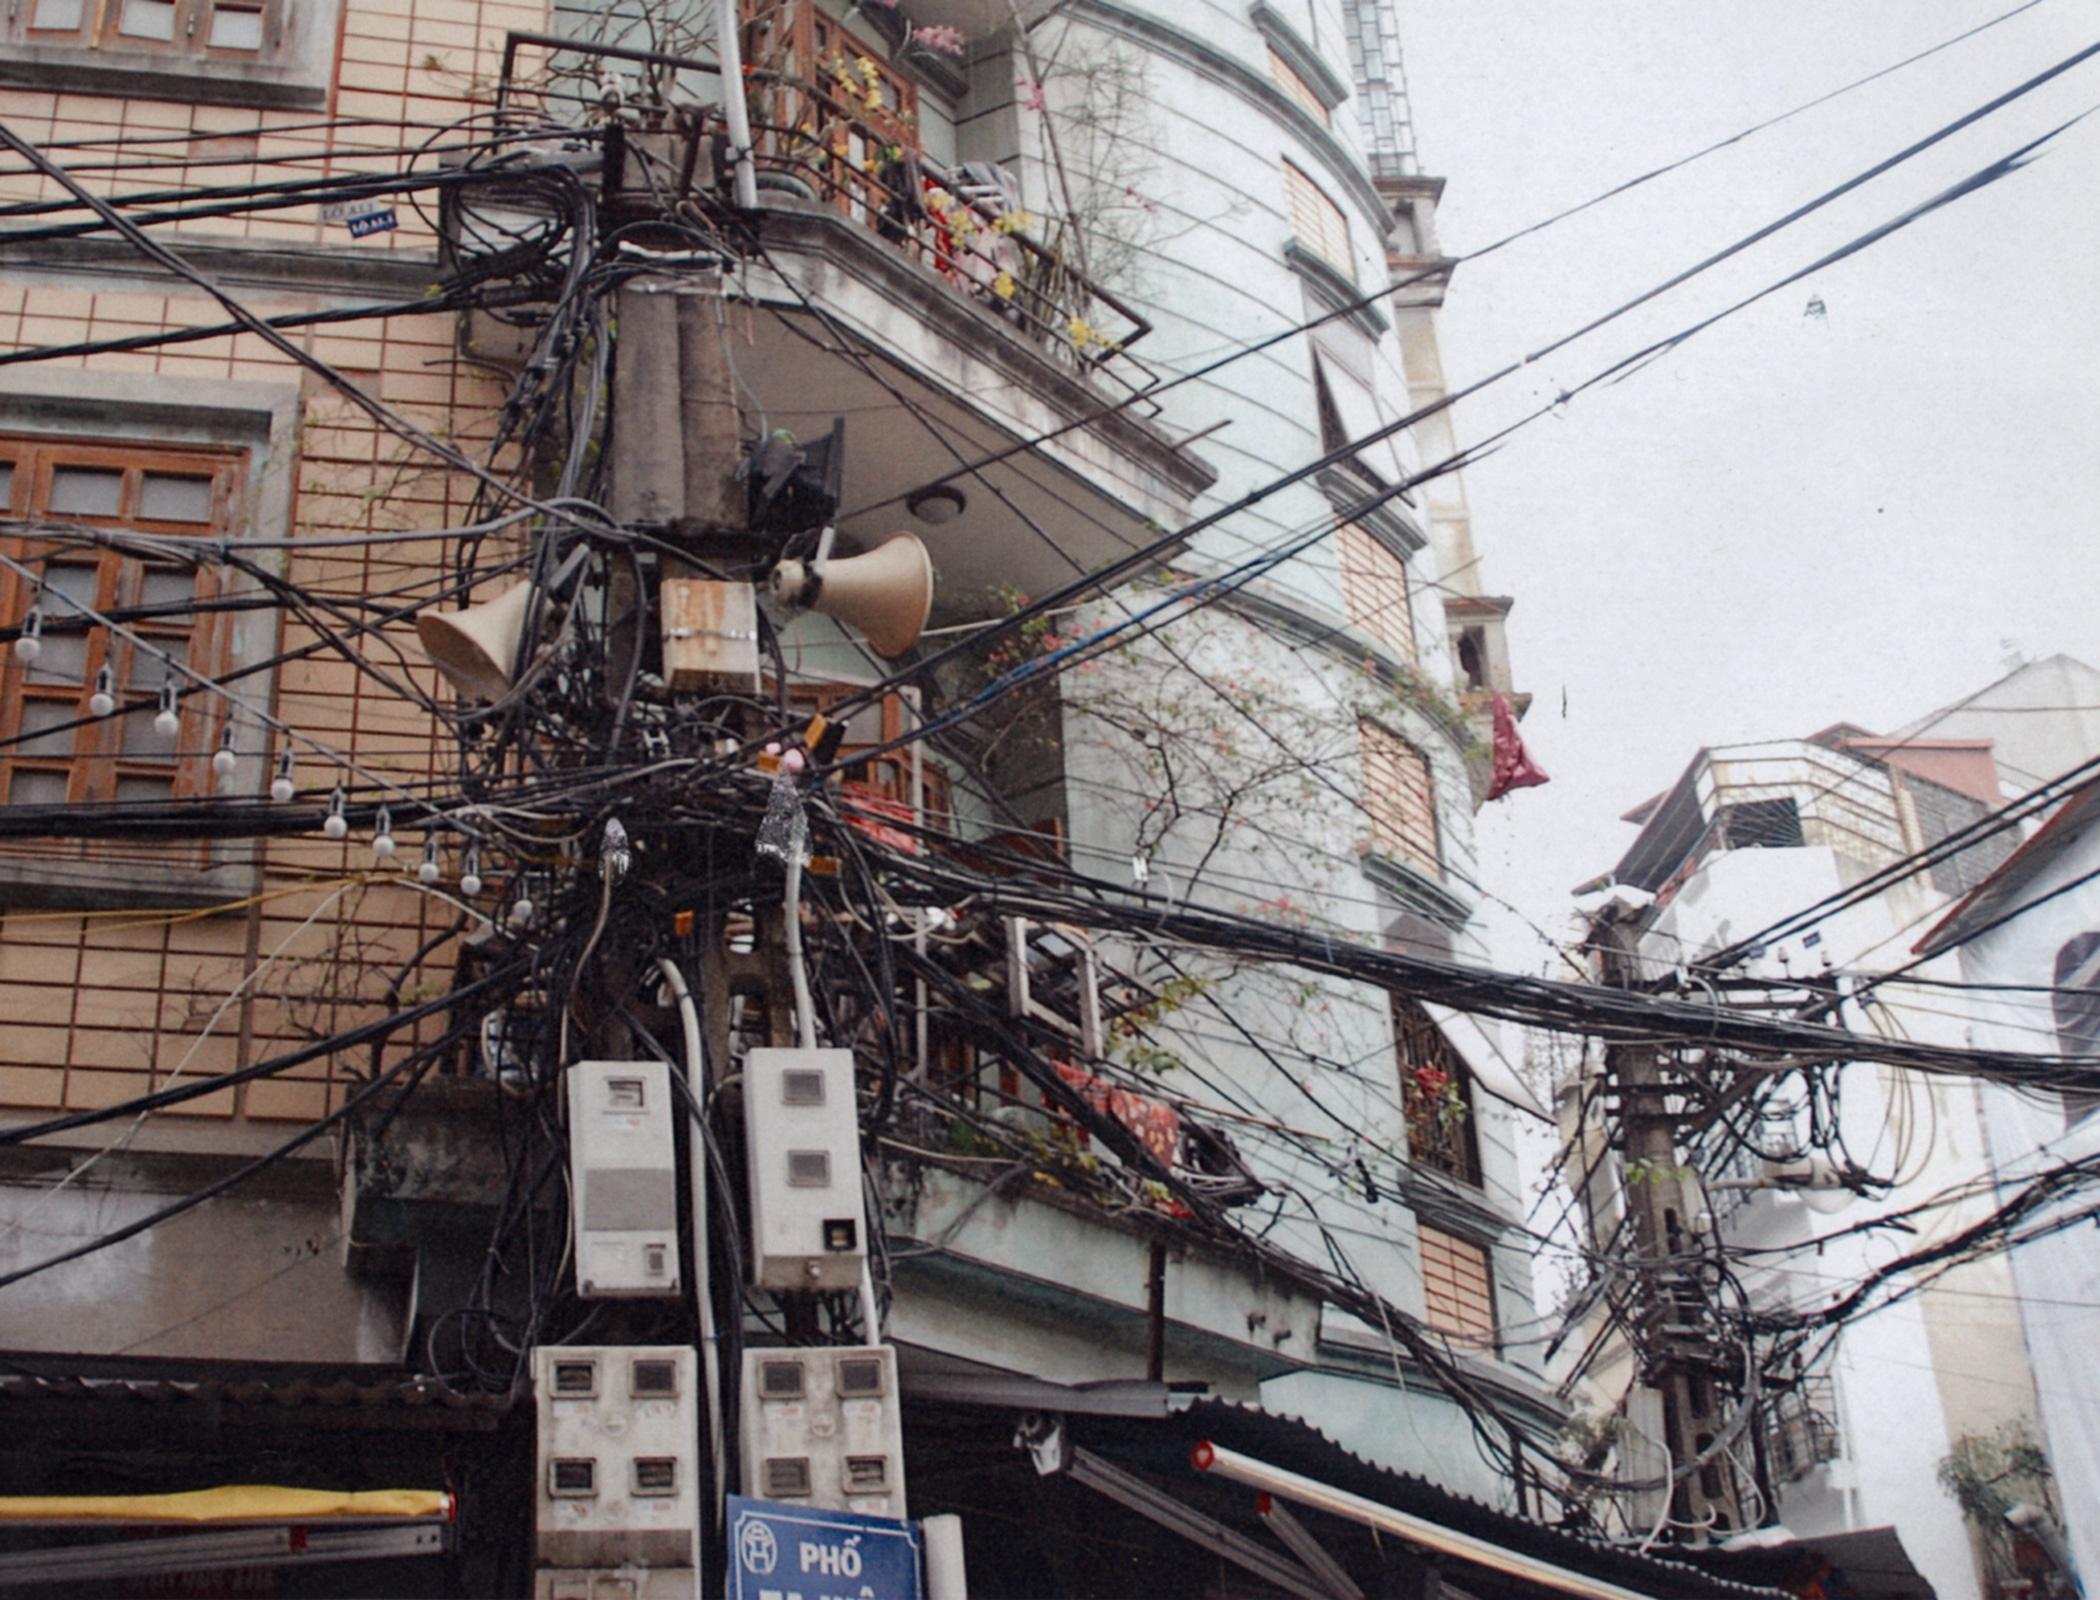 world s worst wiring the top three most shocking electrical rh eandt theiet org Dishwasher Electrical Wiring Burnt Electrical Wiring